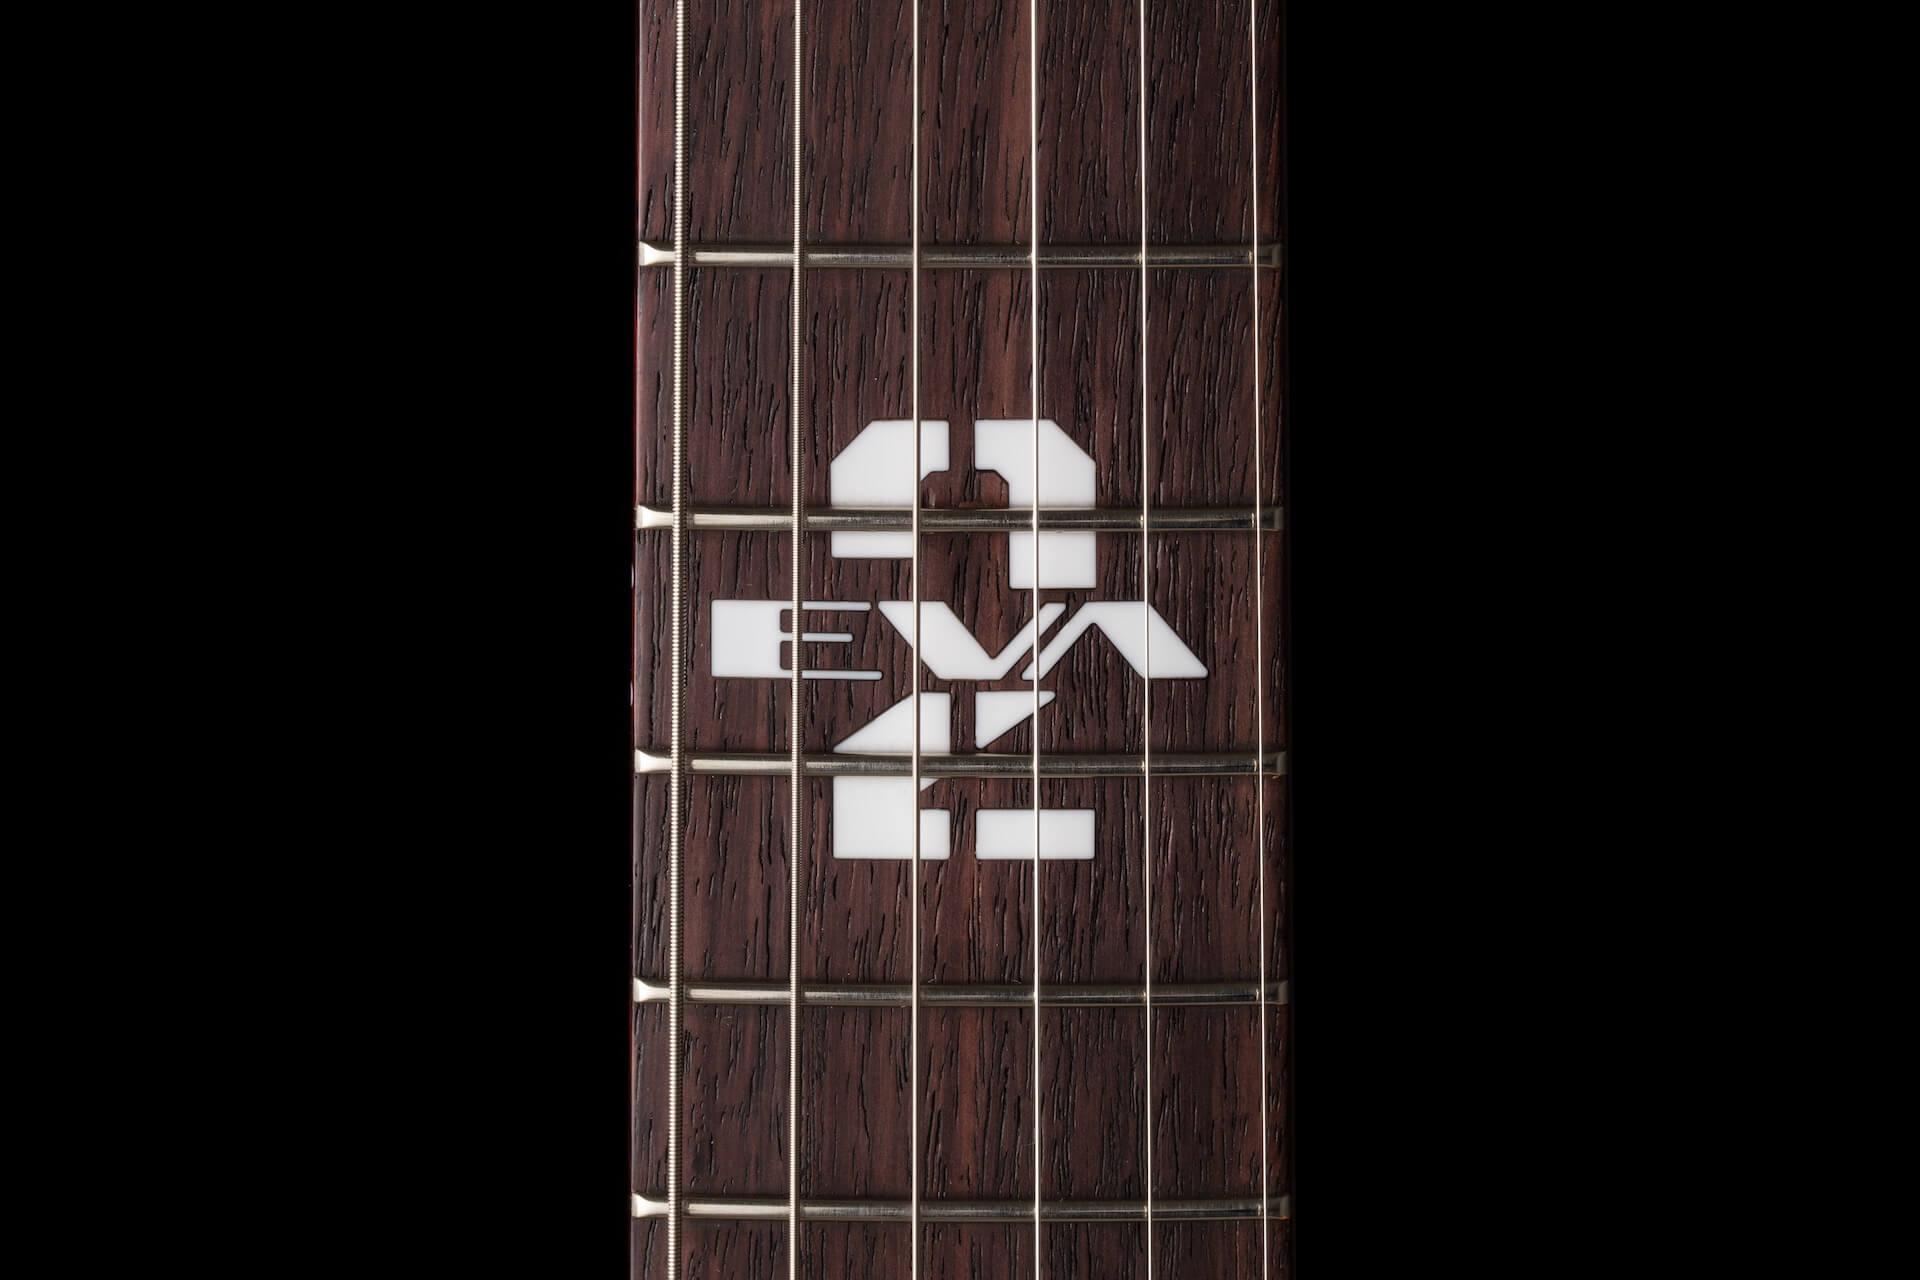 『シン・エヴァンゲリオン劇場版』アスカがエレキギターに!フェンダー特製TELECASTER(R)が年内数量限定生産で登場 ac200427_eva_telecaster_05